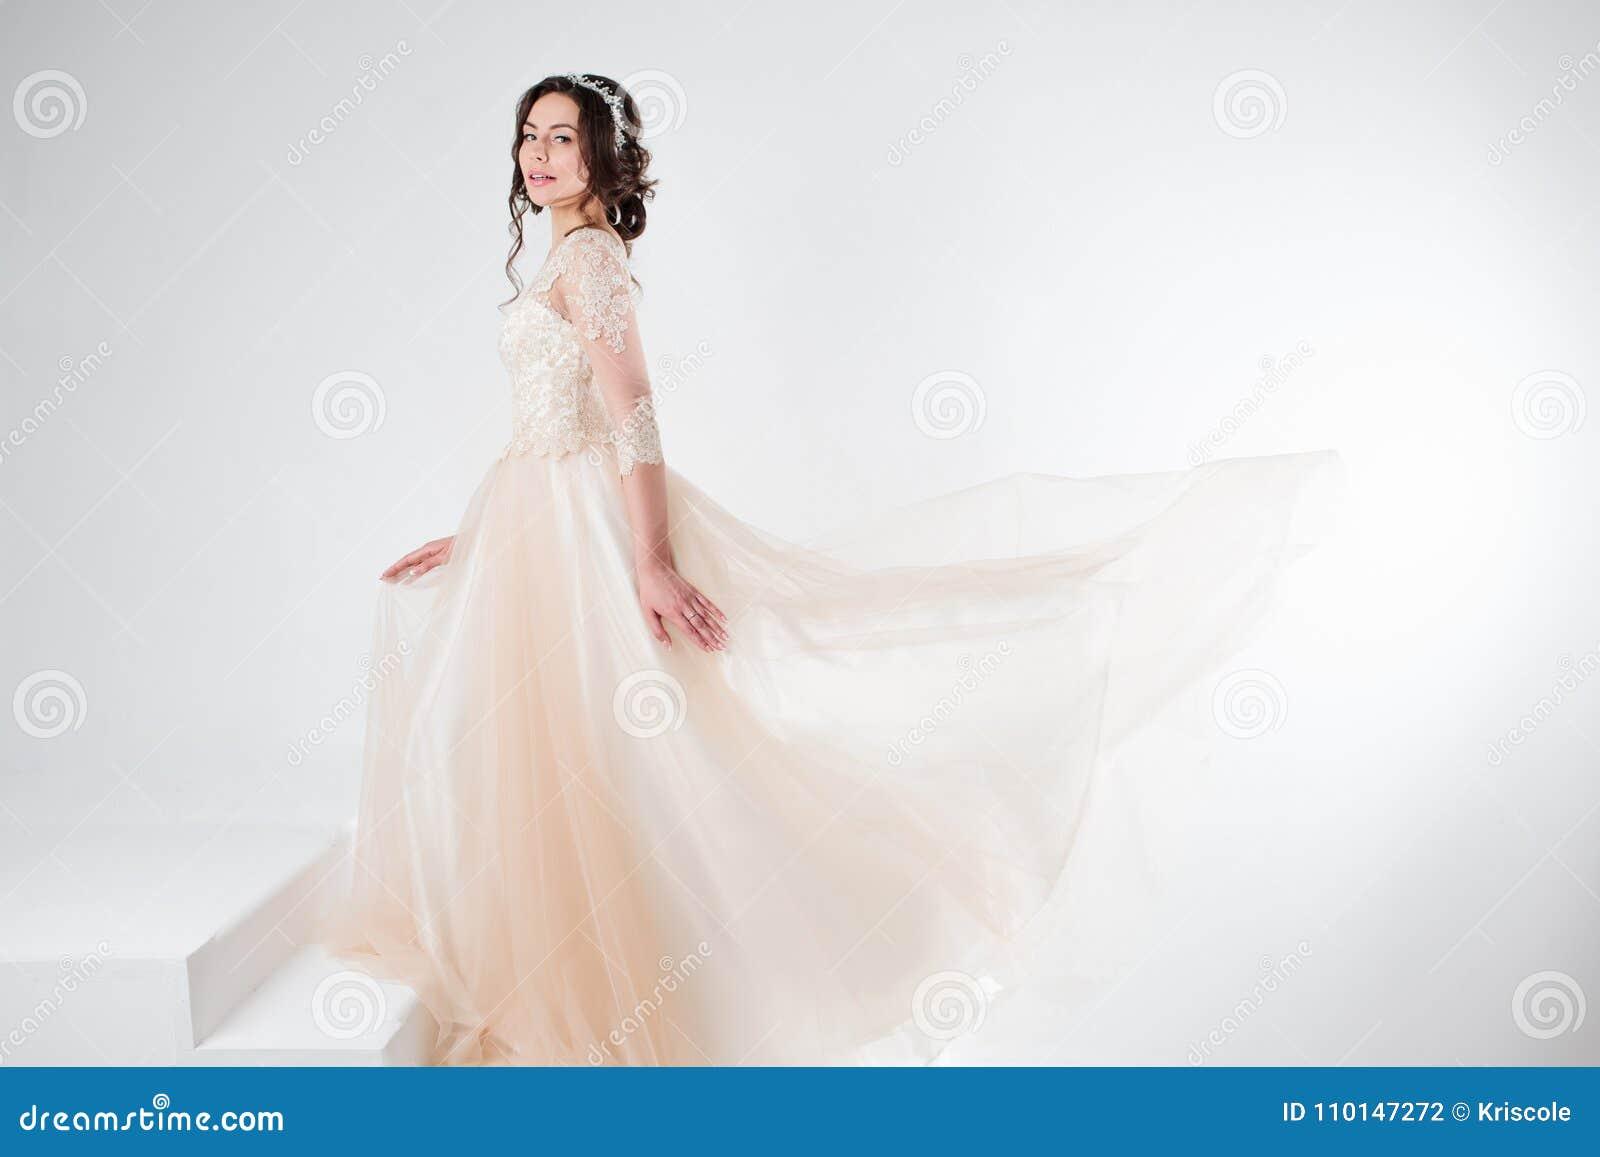 Ritratto di bella ragazza in un vestito da sposa La sposa in un vestito lussuoso che sta sulle scale, scala